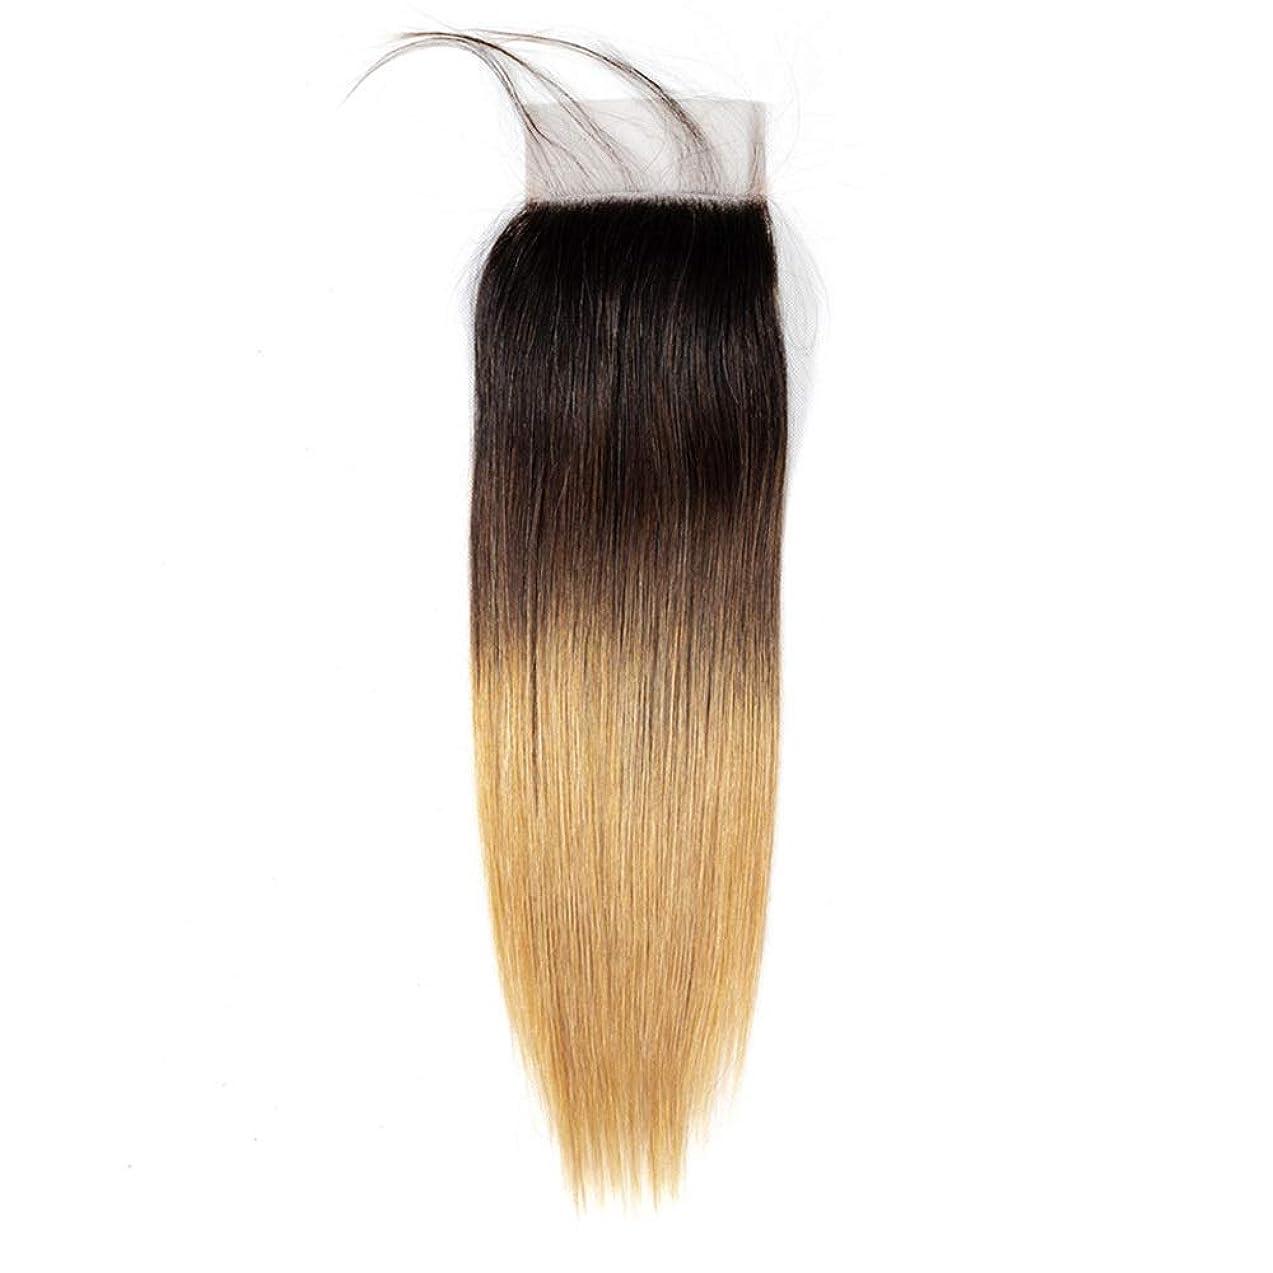 文庫本偏心百万BOBIDYEE オンブル人間の髪の毛のない部分4 x 4耳と耳のレース前頭閉鎖1B / 4/27 3トーンカラーブラウンウィッグウィッグ (色 : ブラウン, サイズ : 16 inch)